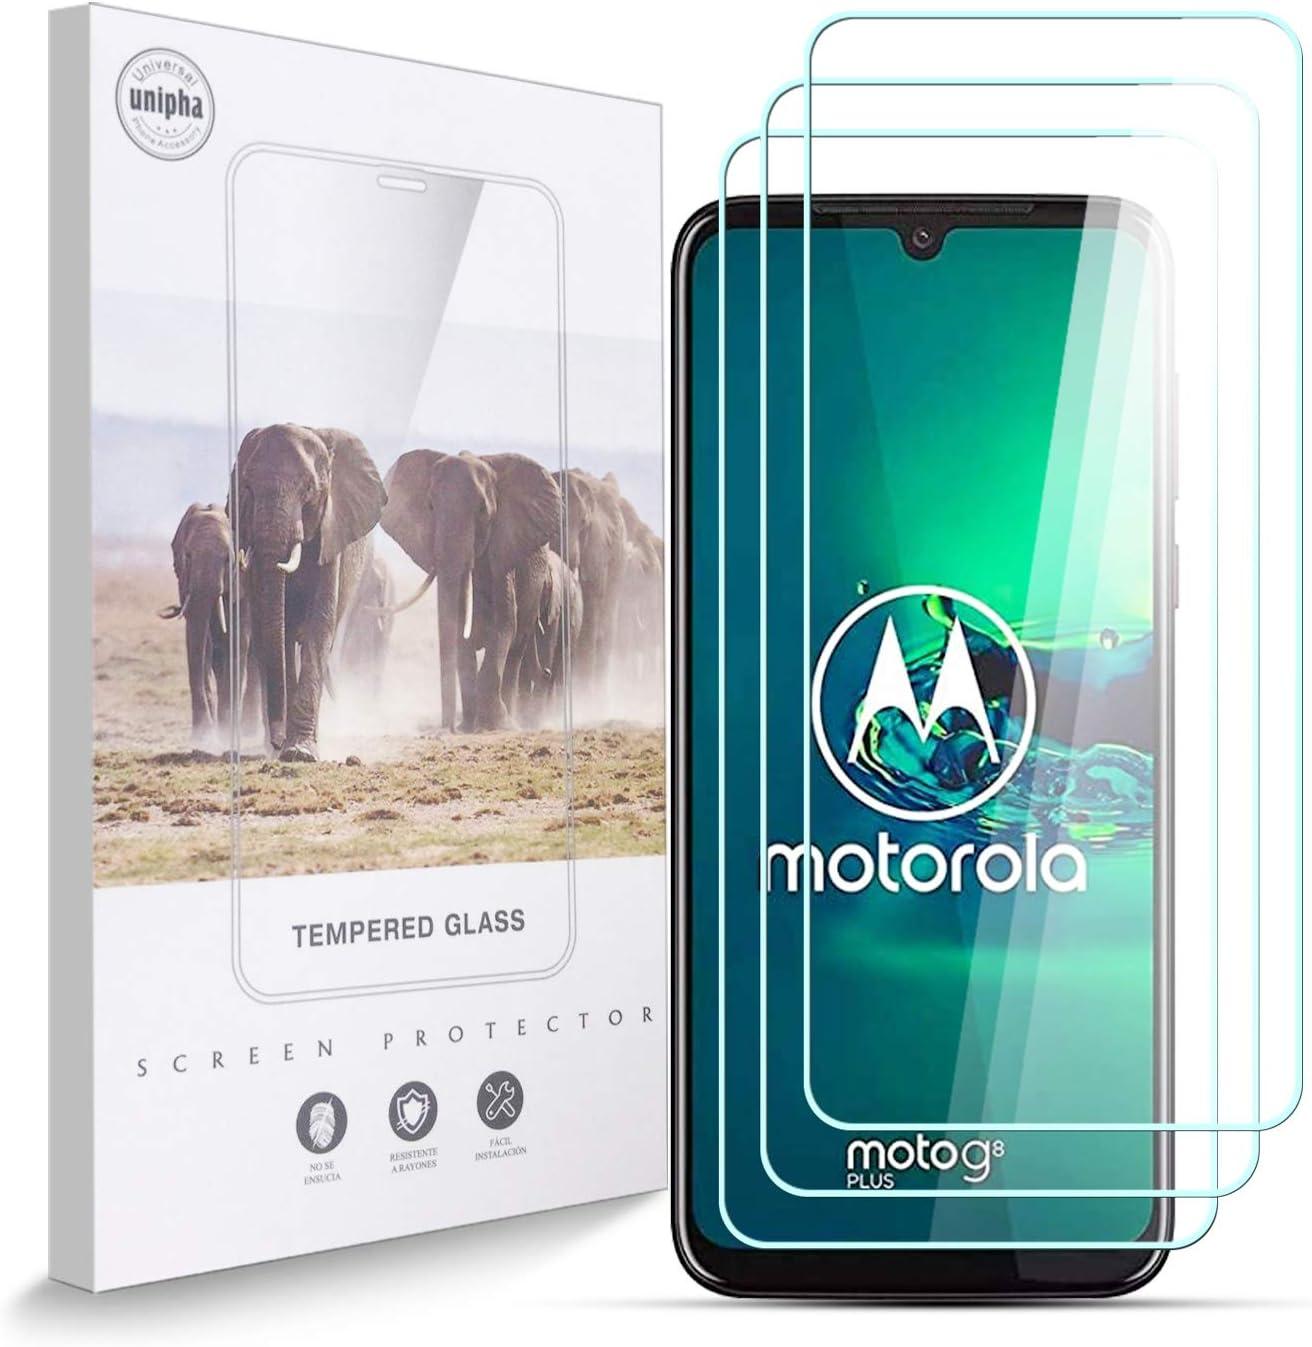 AYSOW Protector de Pantalla para Motorola One Vision Dual SIM, 9H, Antihuellas, Antiarañazos, Sin Burbujas, 0.33 mm, HD Cristal Vidrio Templado Compatible con Motorola One Vision Dual SIM, 3 Piezas